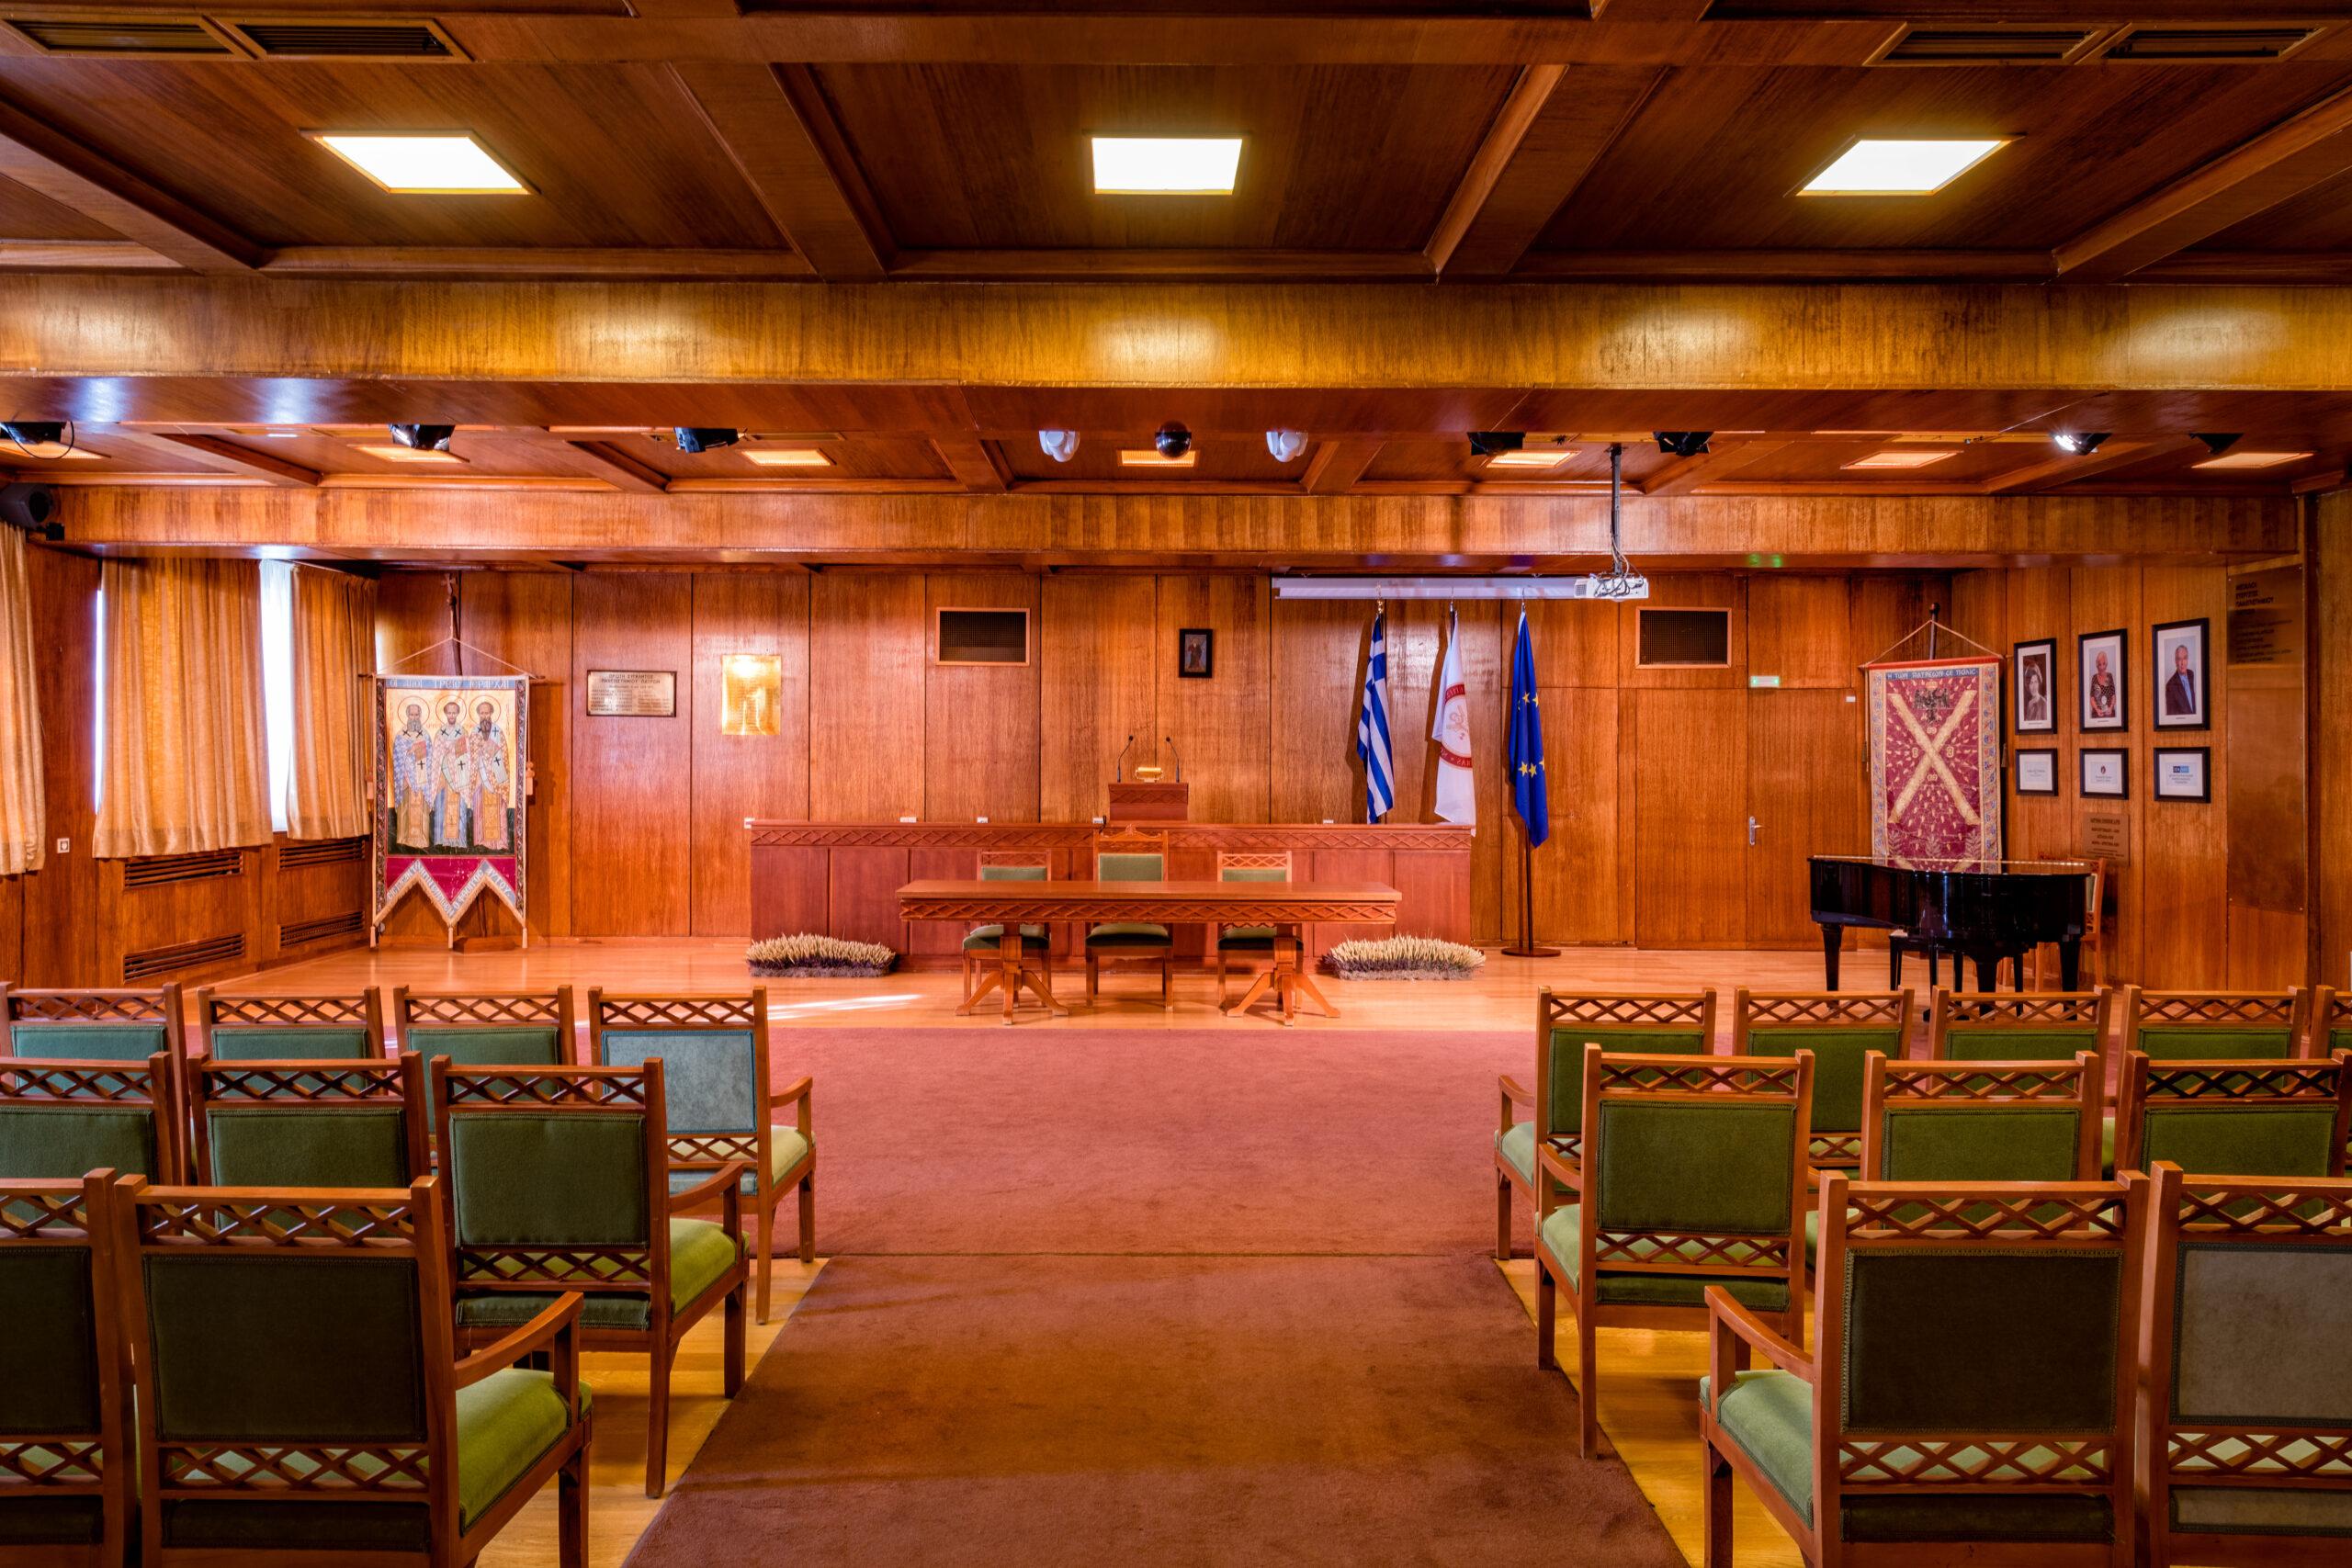 Πανεπιστήμιο Πατρών- Αίθουσα Τελετών «Οδυσσέας Ελύτης»- Κτίριο Πρυτανείας